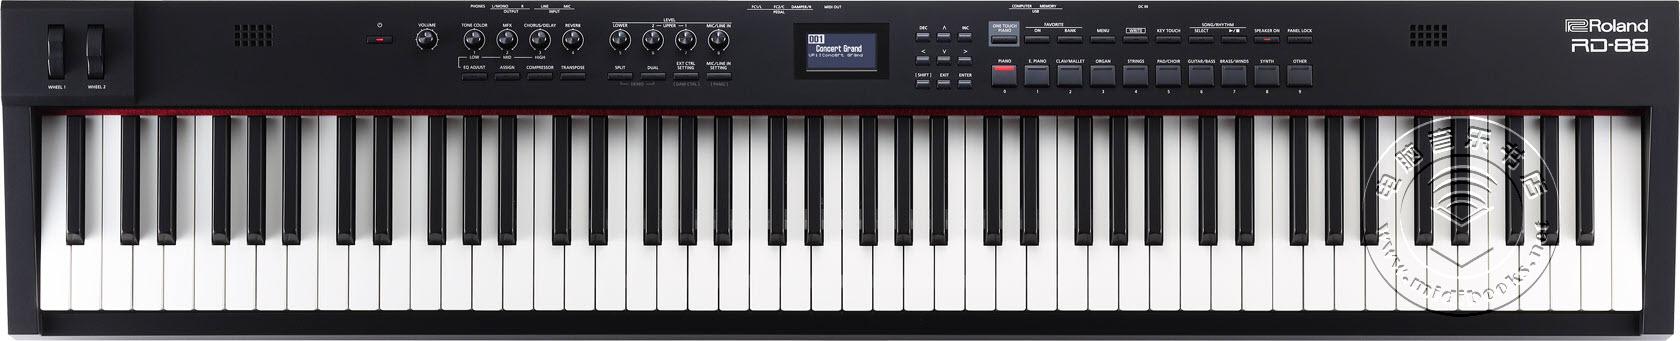 2020年冬季NAMM展会新闻:Roland(罗兰)发布RD-88舞台电钢琴(视频)